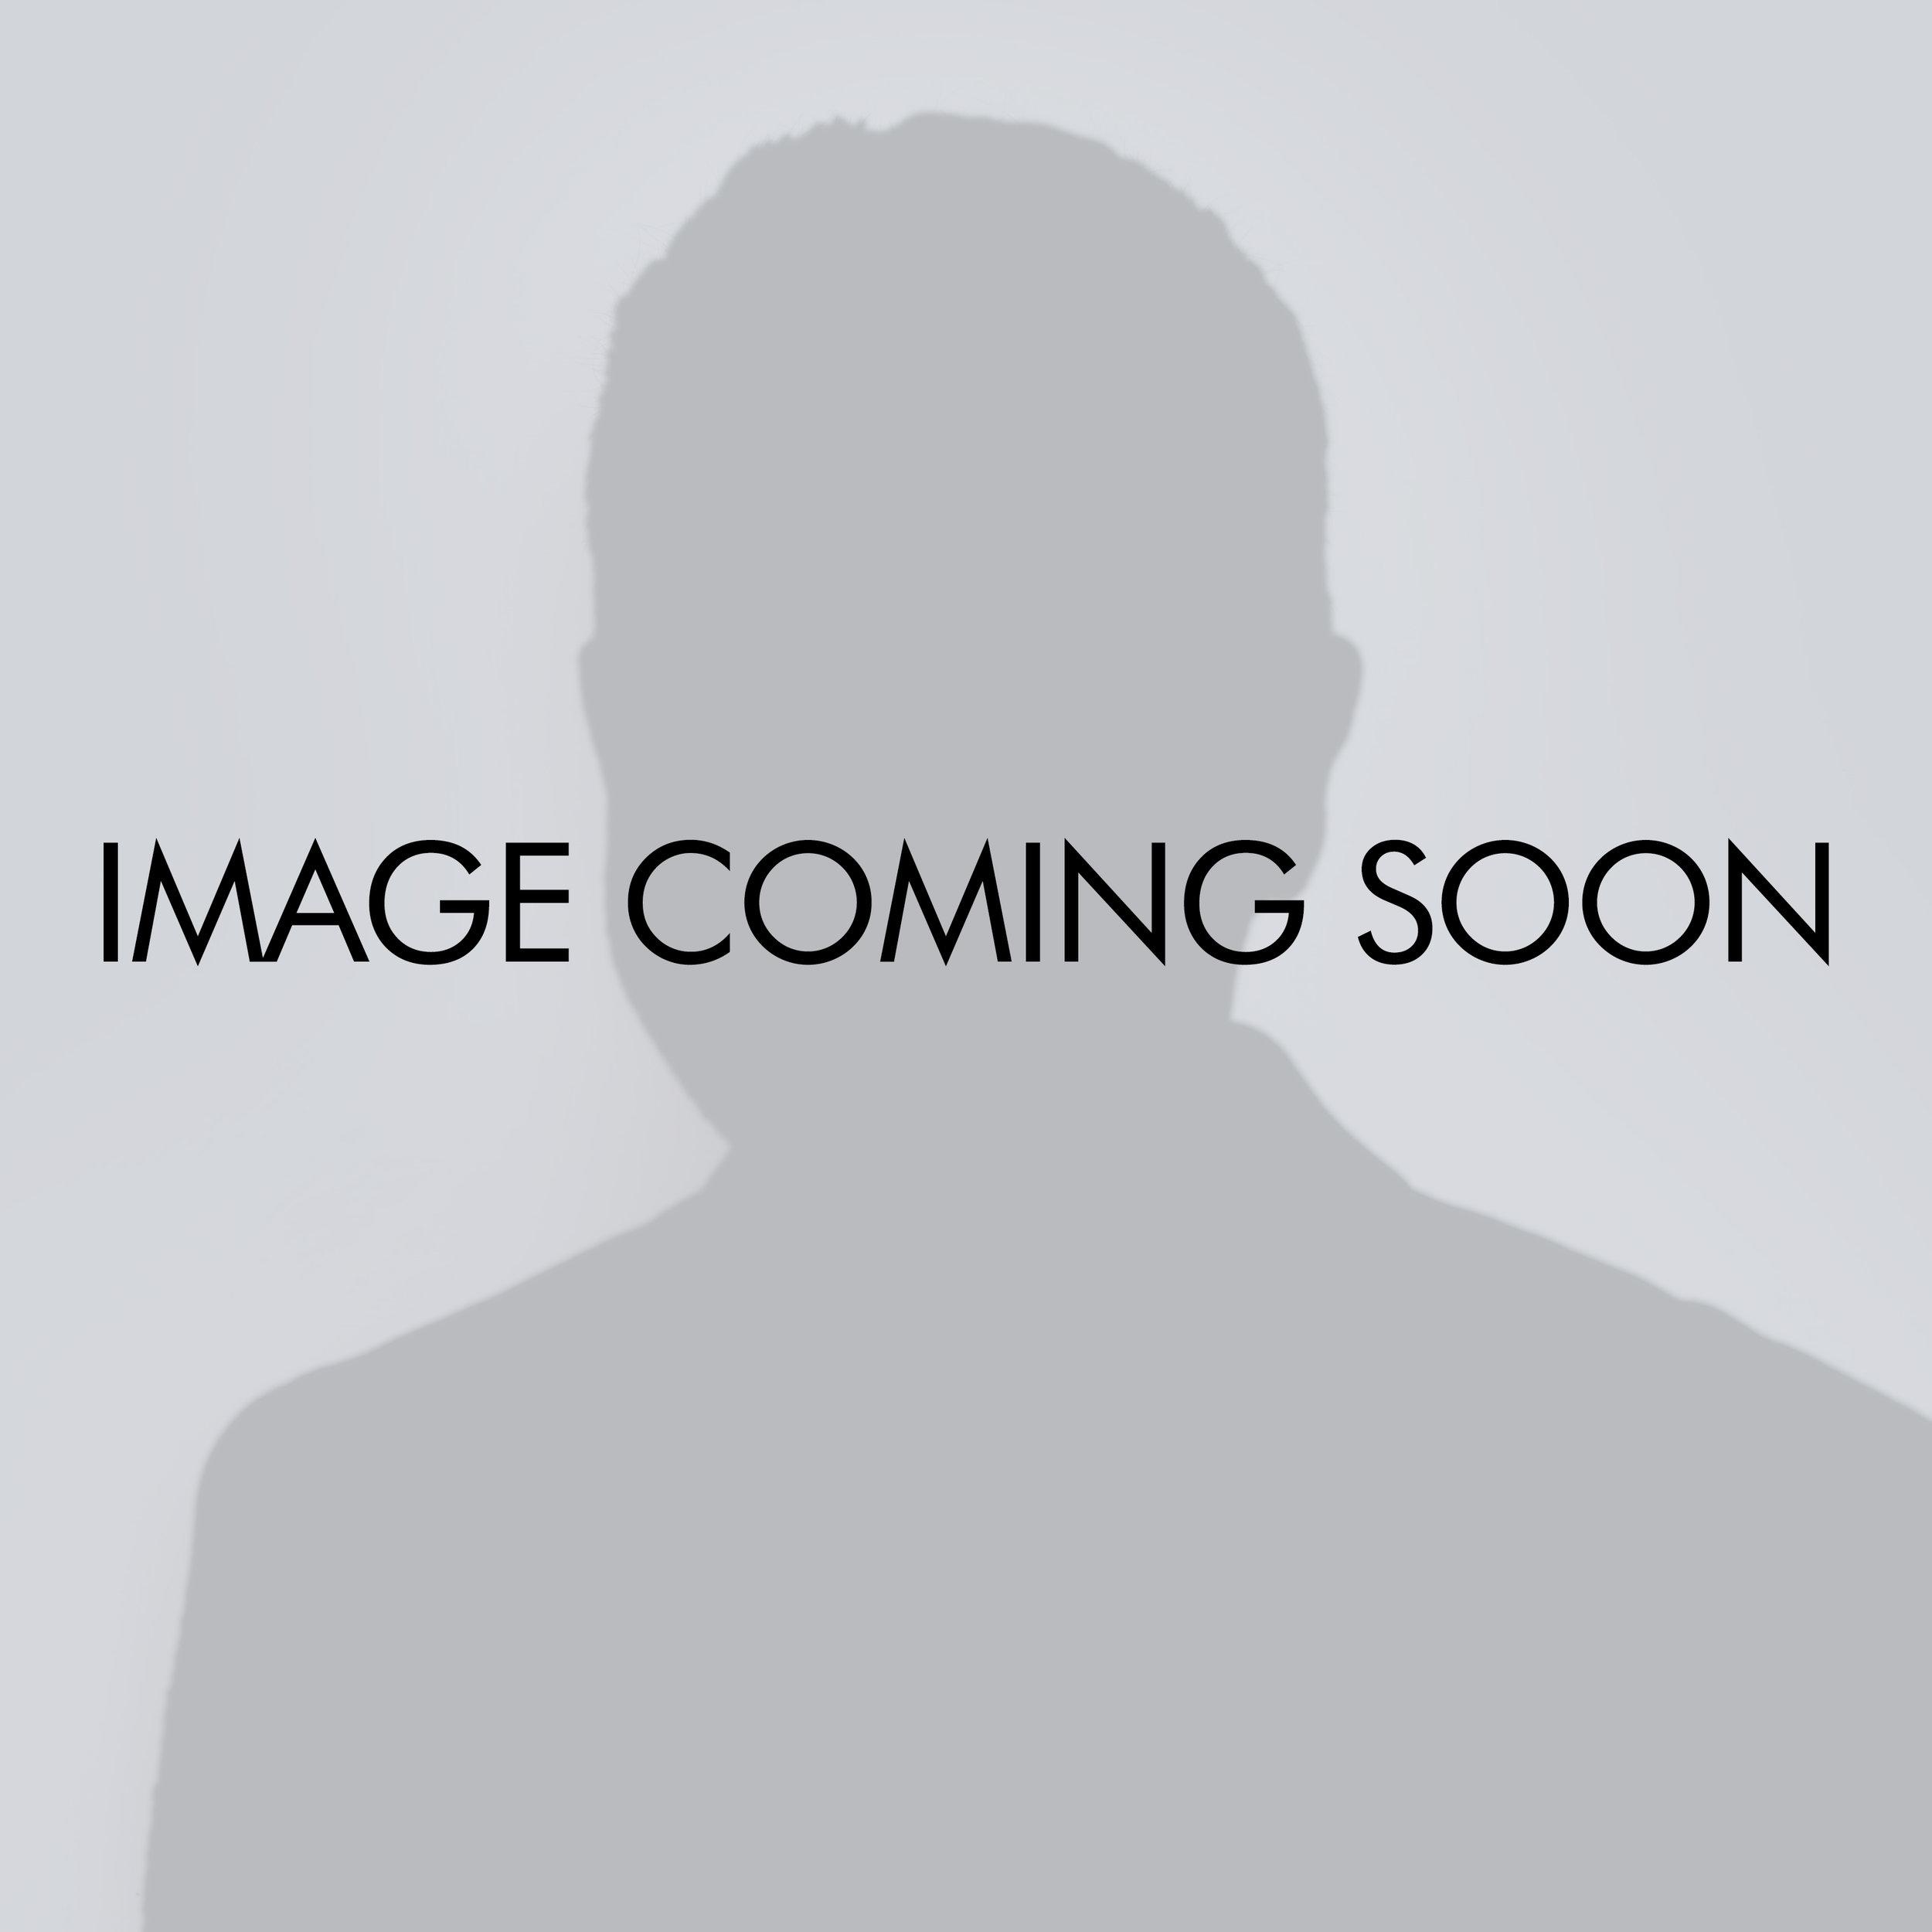 Image coming soon.jpg